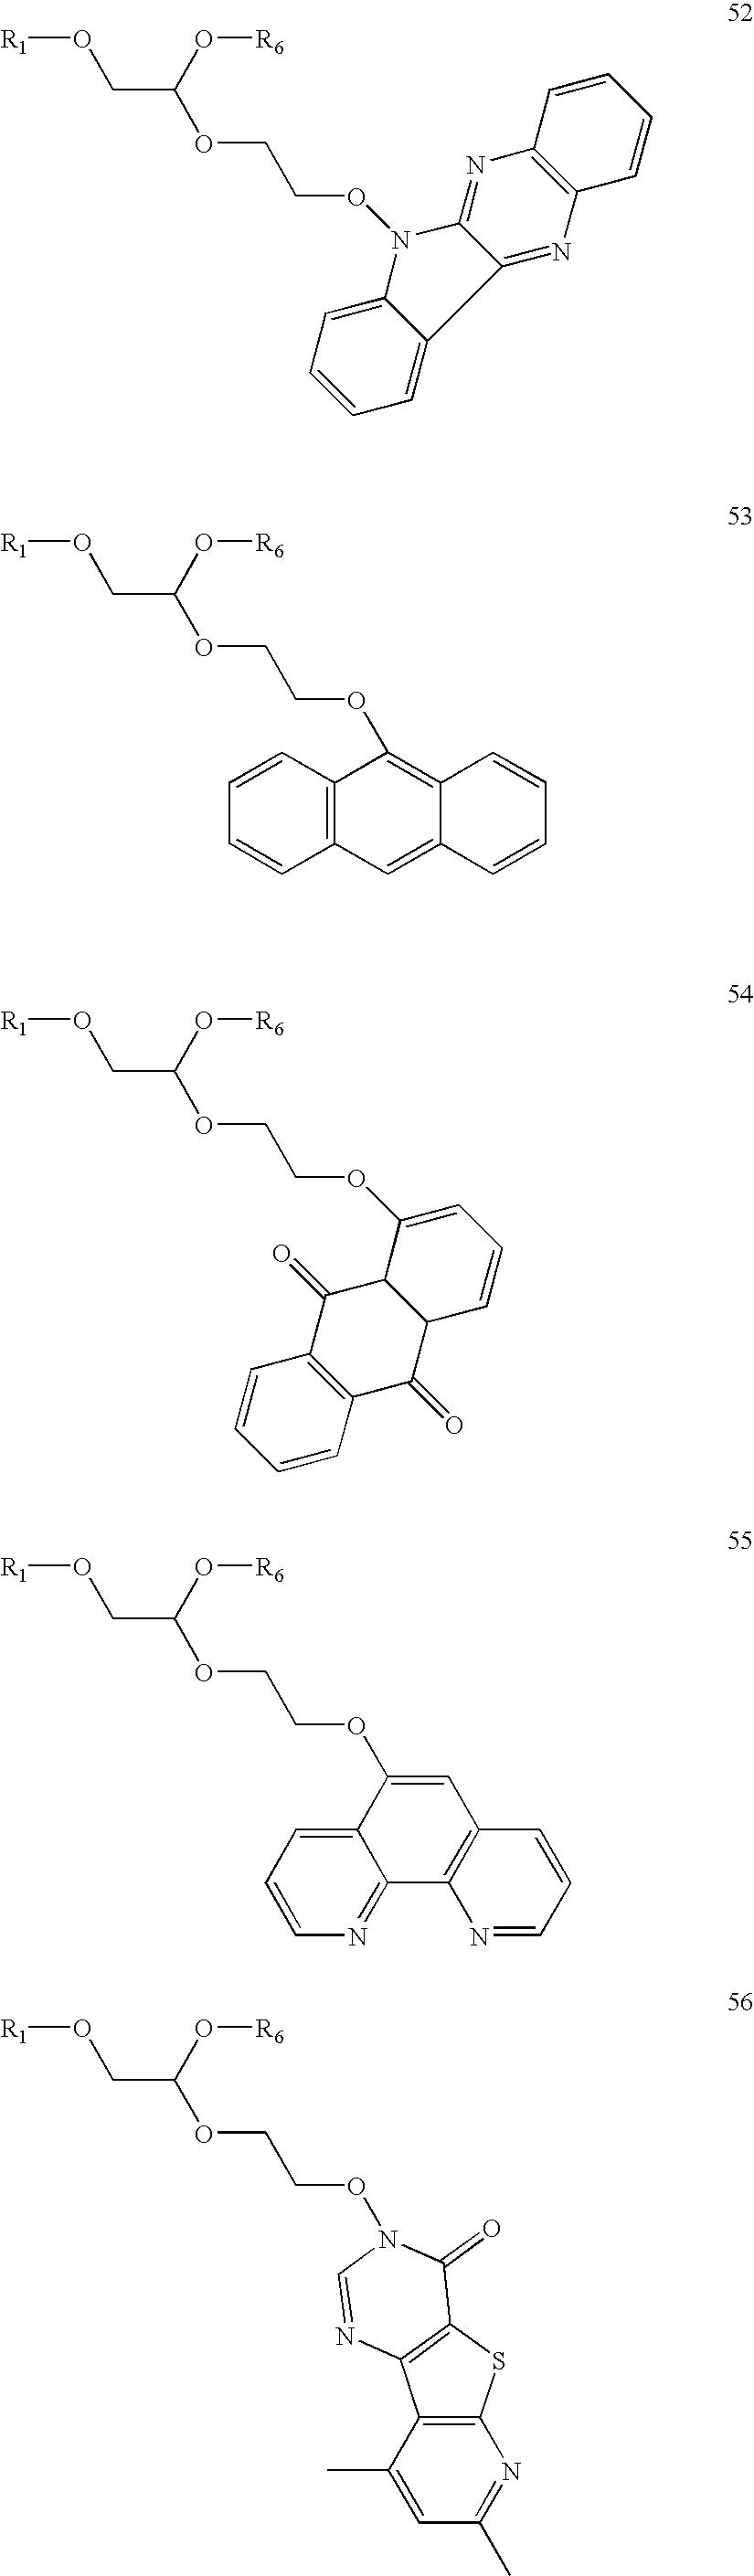 Figure US20060014144A1-20060119-C00098